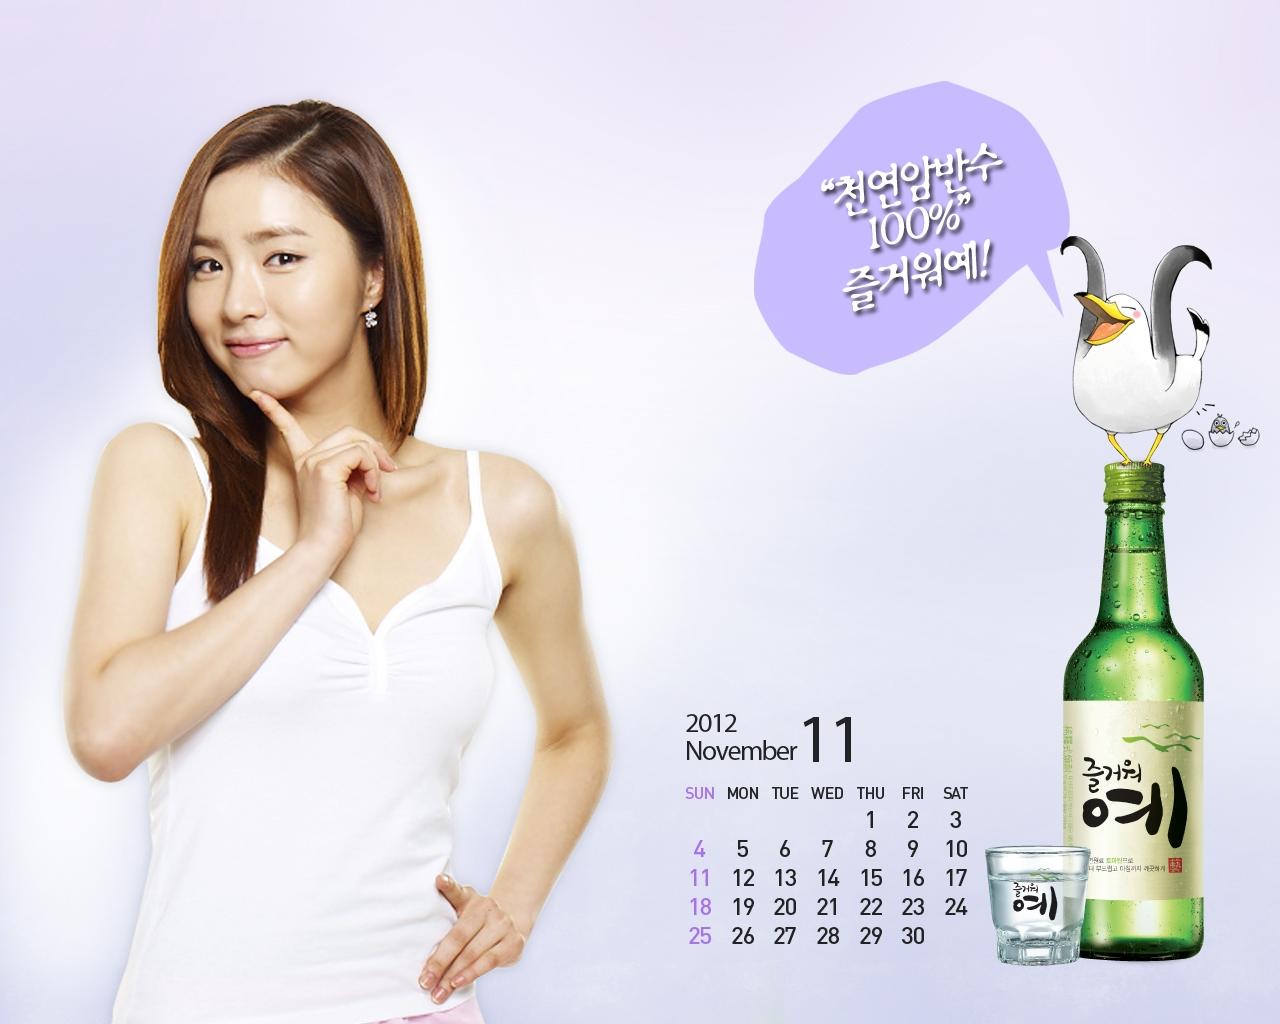 Fun Yeah Soju - Shin Se Kyung Wallpaper (32967369) - Fanpop fanclubs